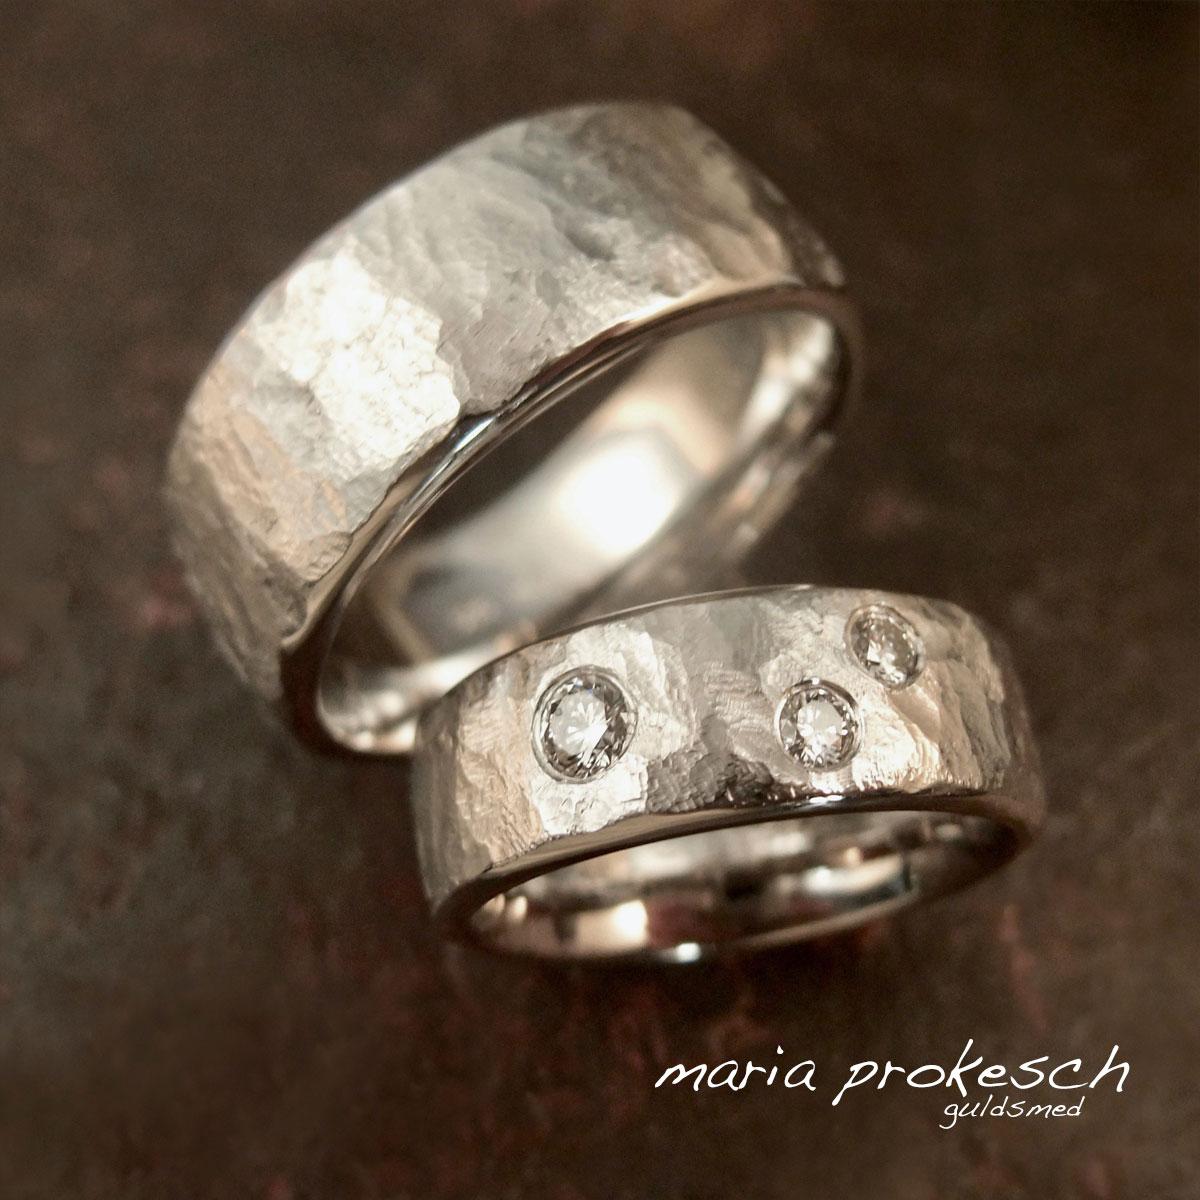 Rustikke ruflet 14 kt hvidguldsringe med diamanter strøet tilfældigt. Føles rar på finger da de buer indvendigt. Individuelle valg for personlige ringe til bryllup